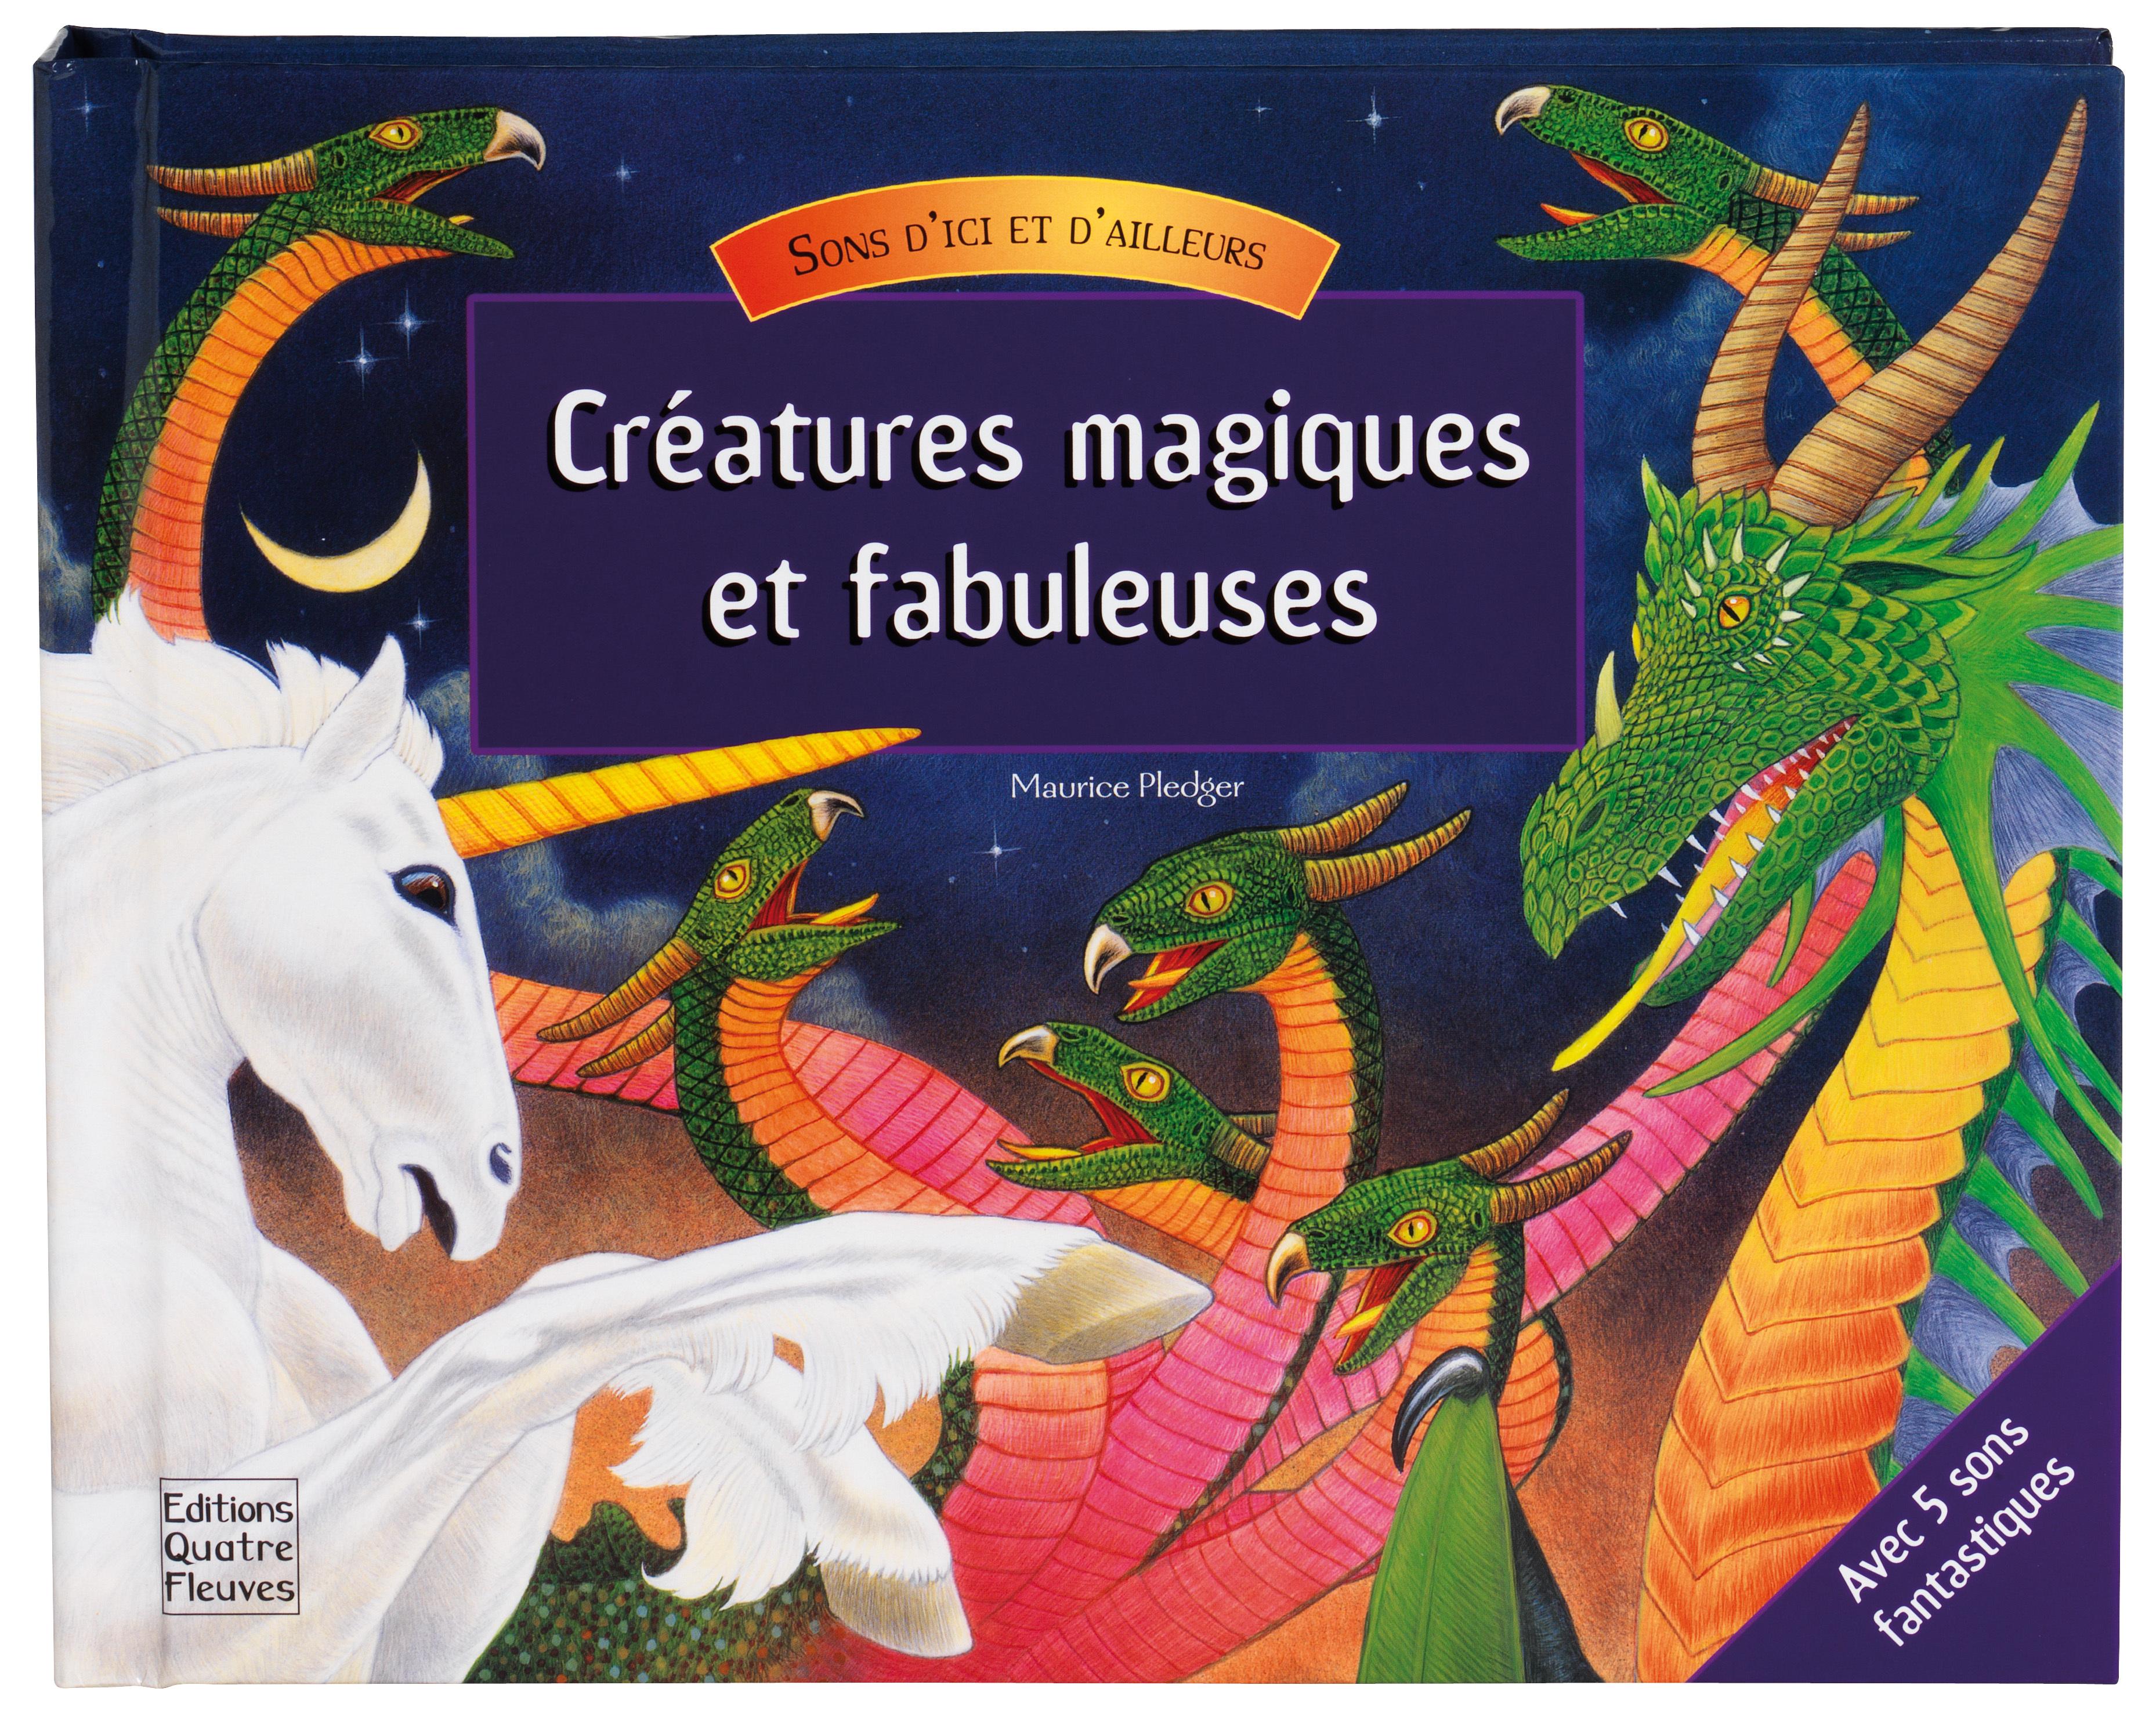 CREATURES MAGIQUES ET FABULEUSES